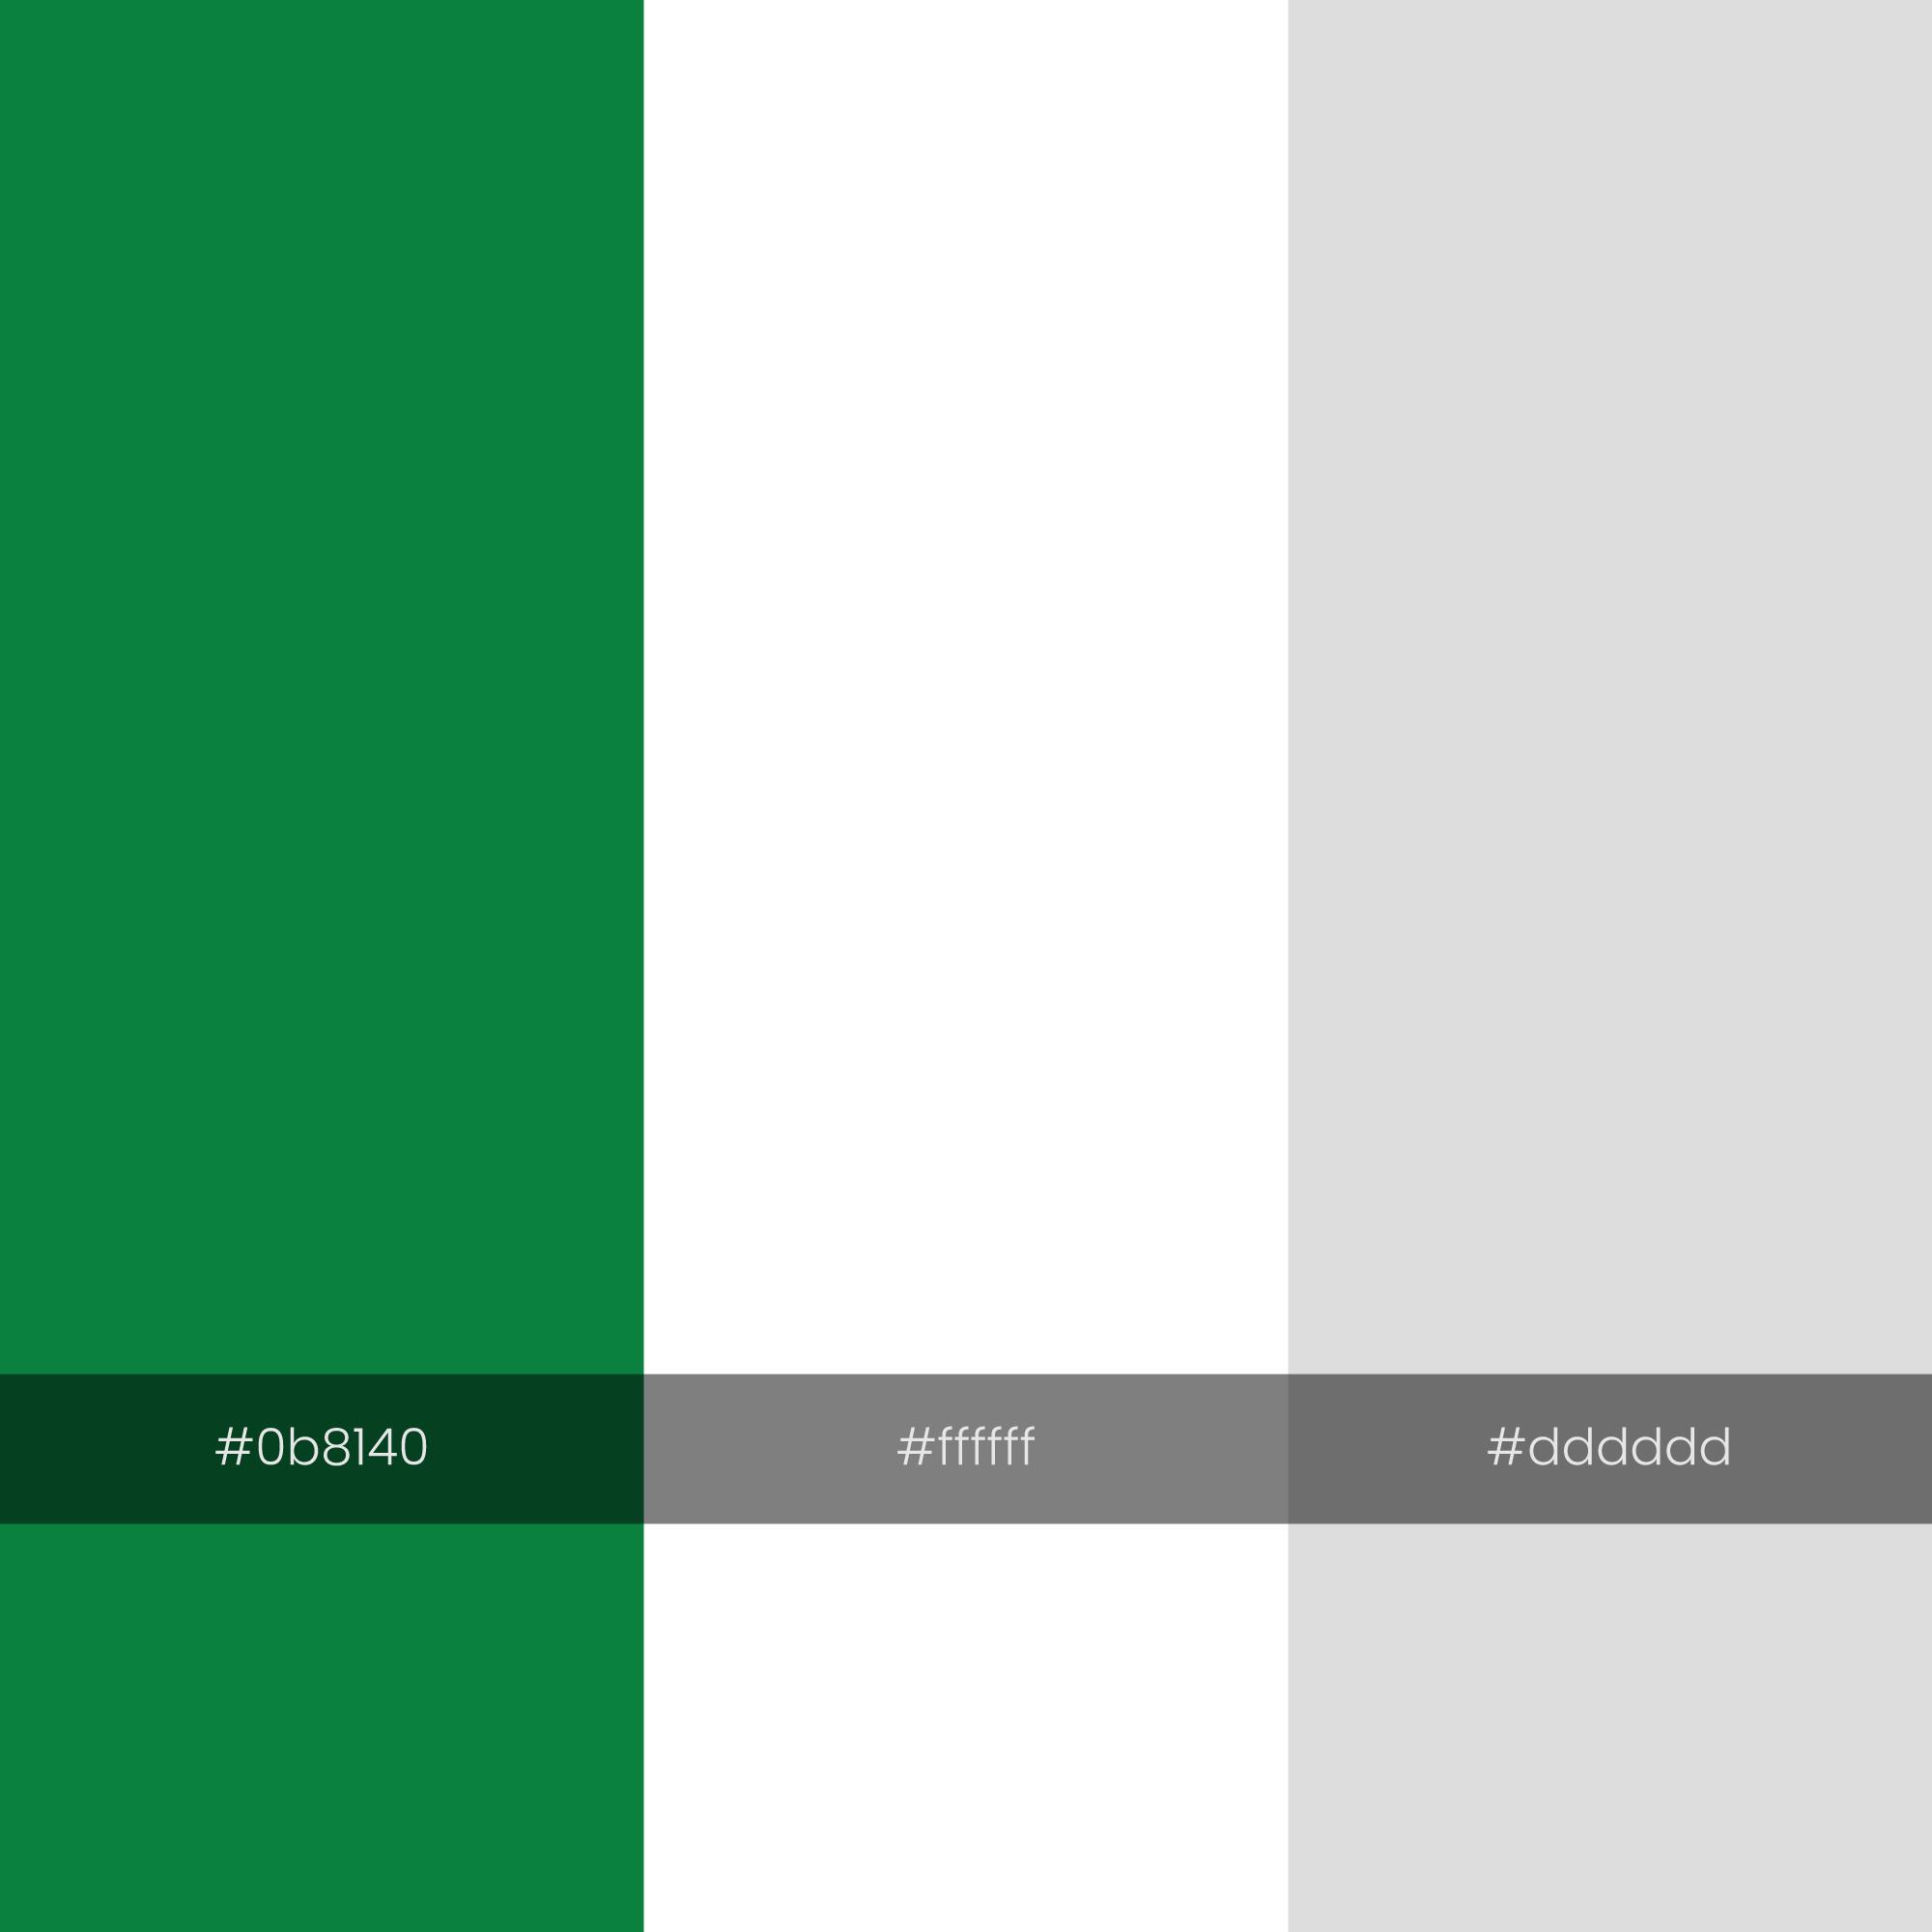 color-palette-idealist-trio